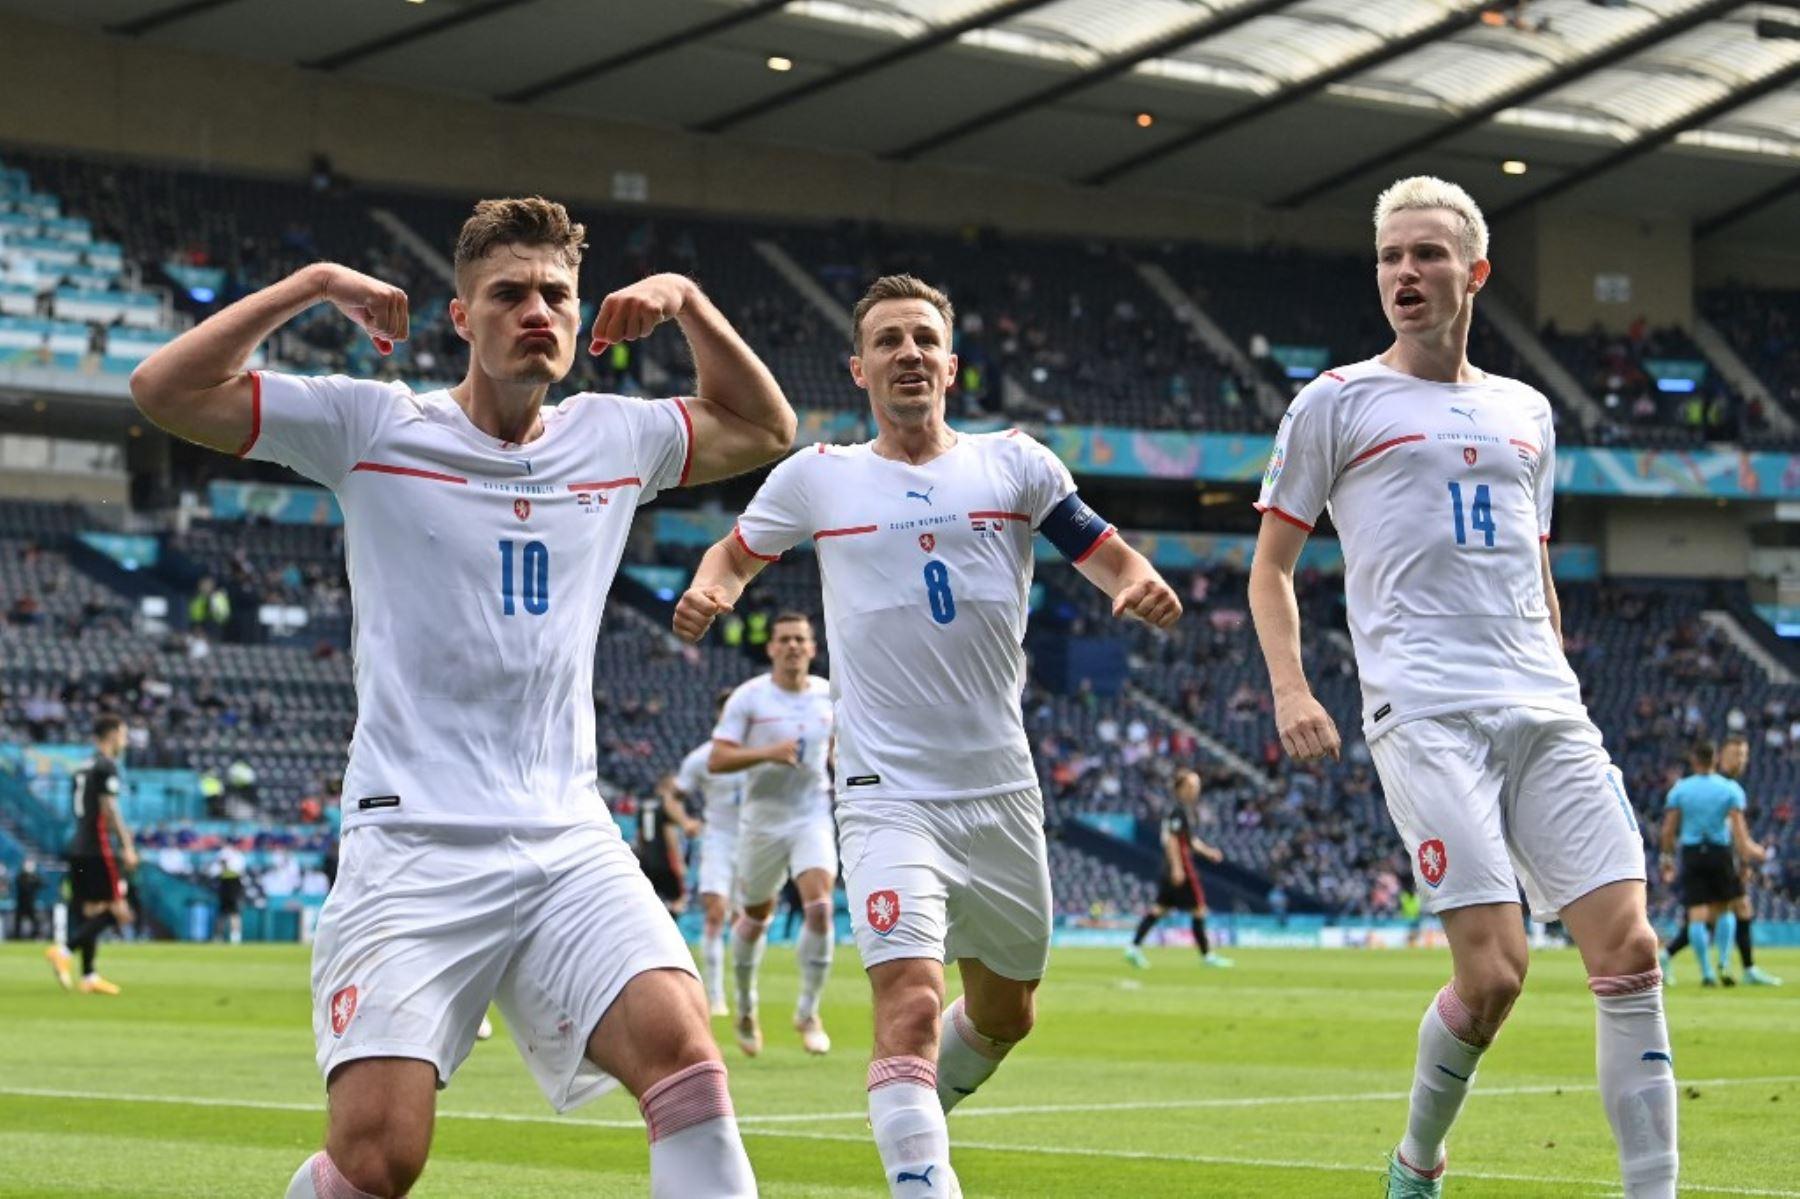 El delantero de la República Checa Patrik Schick (L) celebra después de anotar el gol inicial desde el punto de penalti durante el partido de fútbol del Grupo D de la UEFA EURO 2020 entre Croacia y la República Checa en Hampden Park en Glasgow el 18 de junio de 2021. Foto: AFP